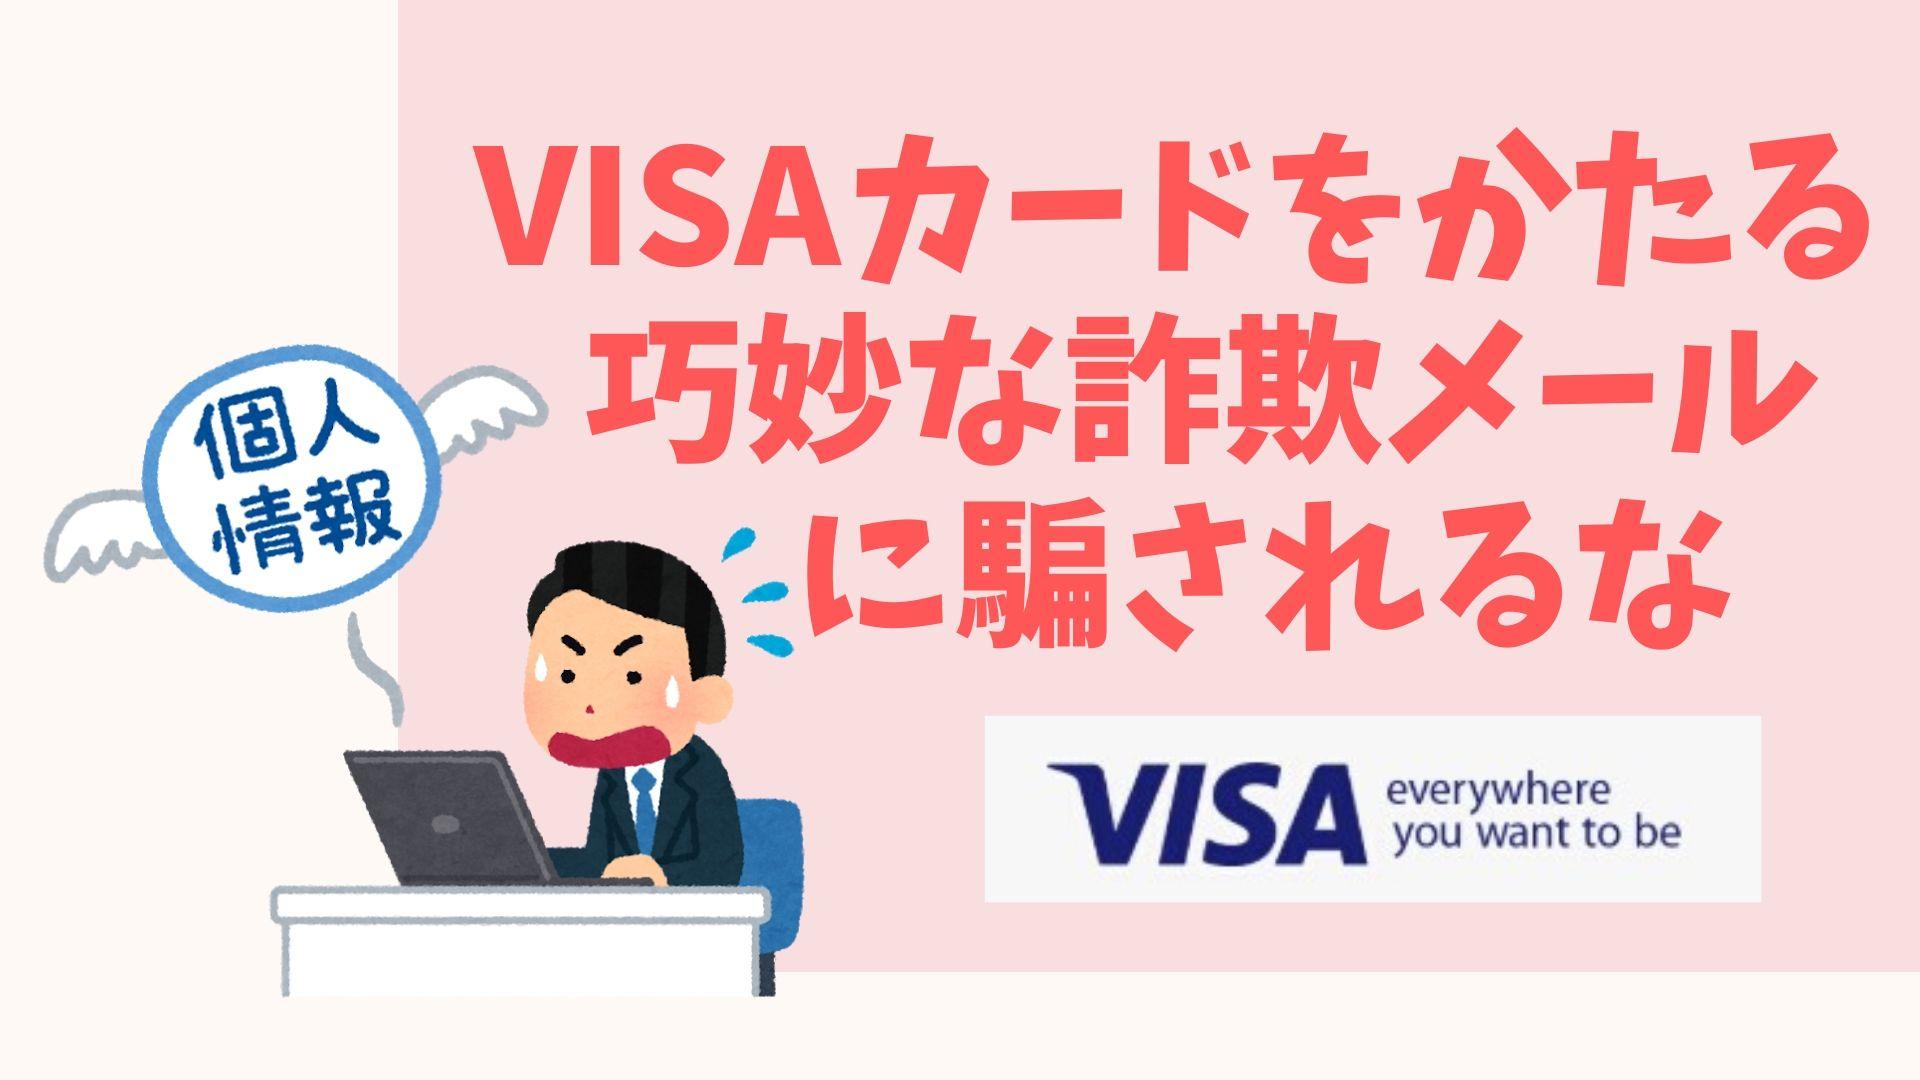 5329841f92d95e60a3dd0ab07f9064da - VISAカードをかたる詐欺メールに注意!個人情報の入力は絶対ダメ!